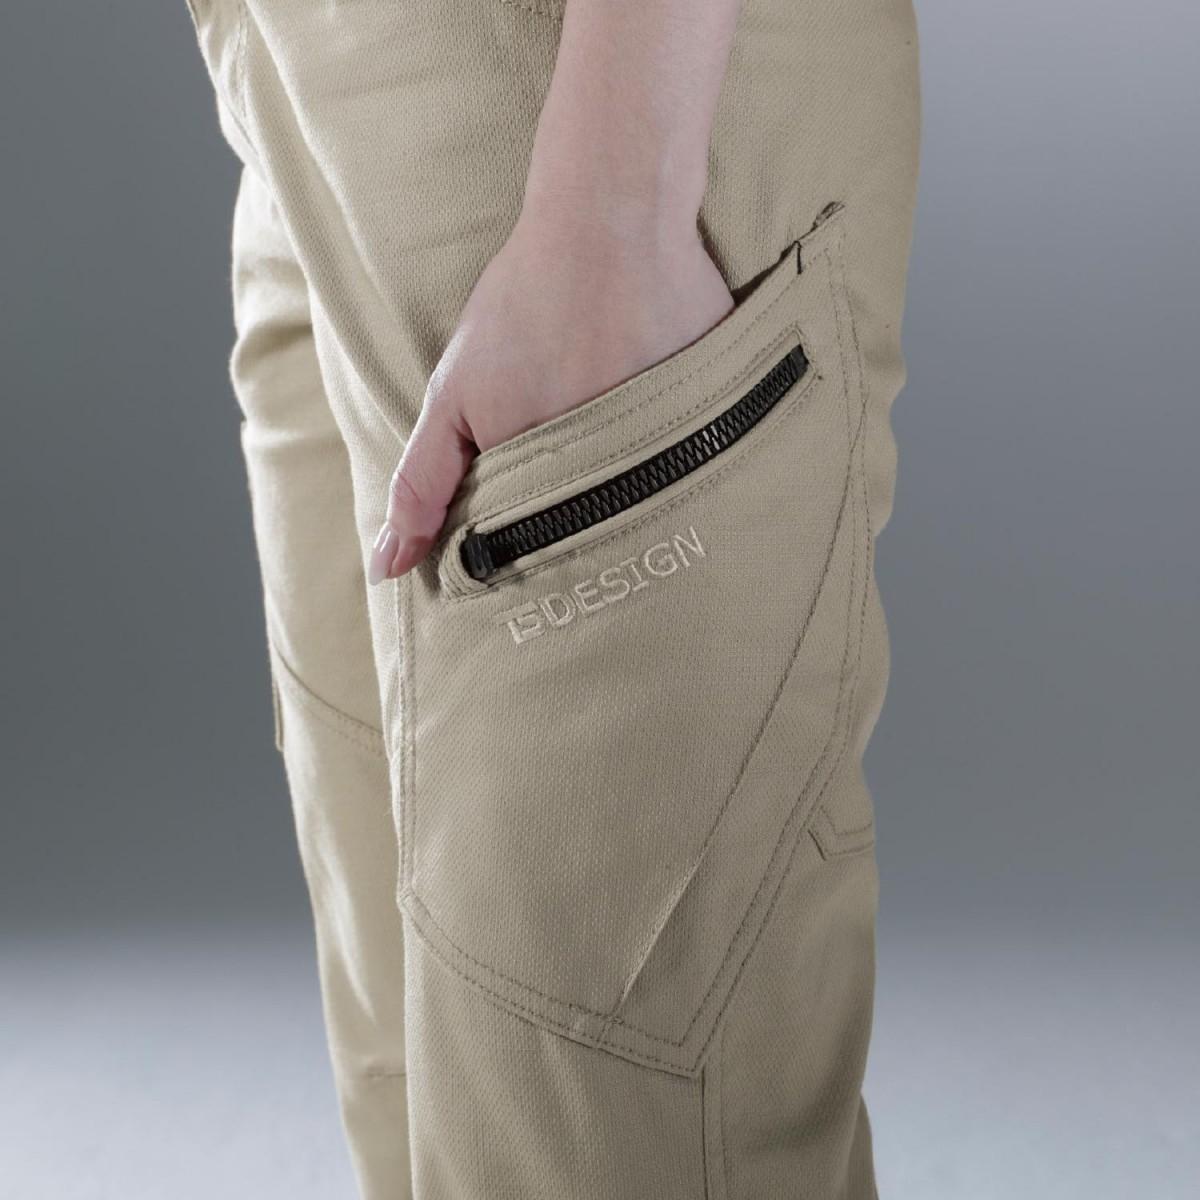 TS DESIGN 3514 カーゴパンツ ¥4,950(税込)クイックポケット。道具の出し入れが便利です。